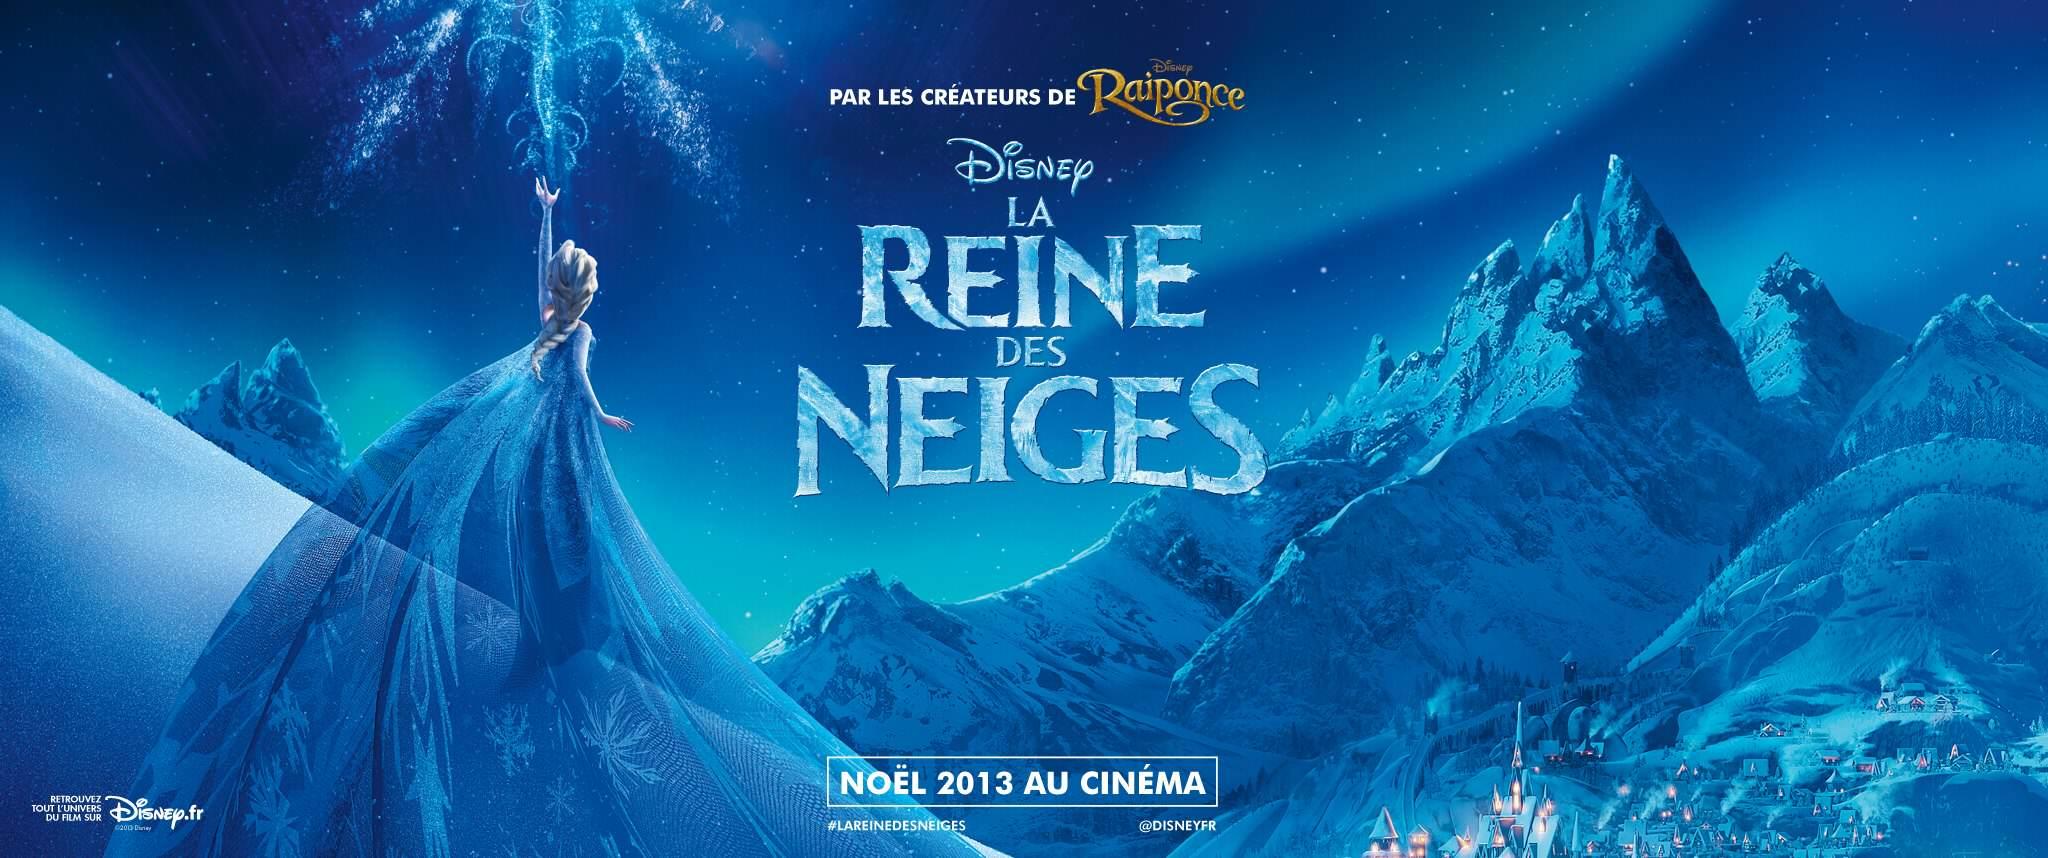 21 Personnages de Disney interprètent Let it go d'une seule voix